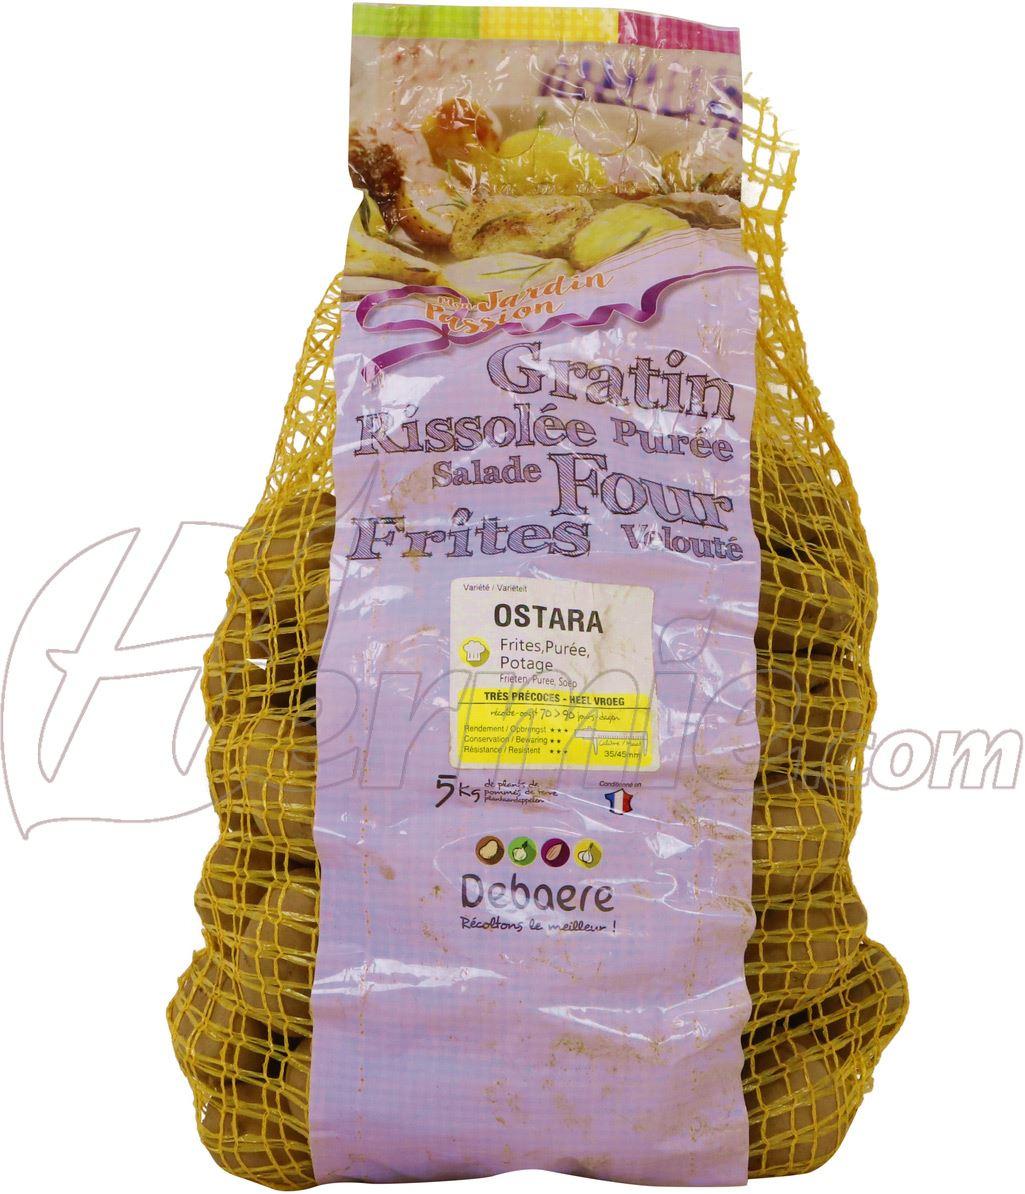 Pootaardappel-Ostara-zak-5kg-35-45-Frankrijk-